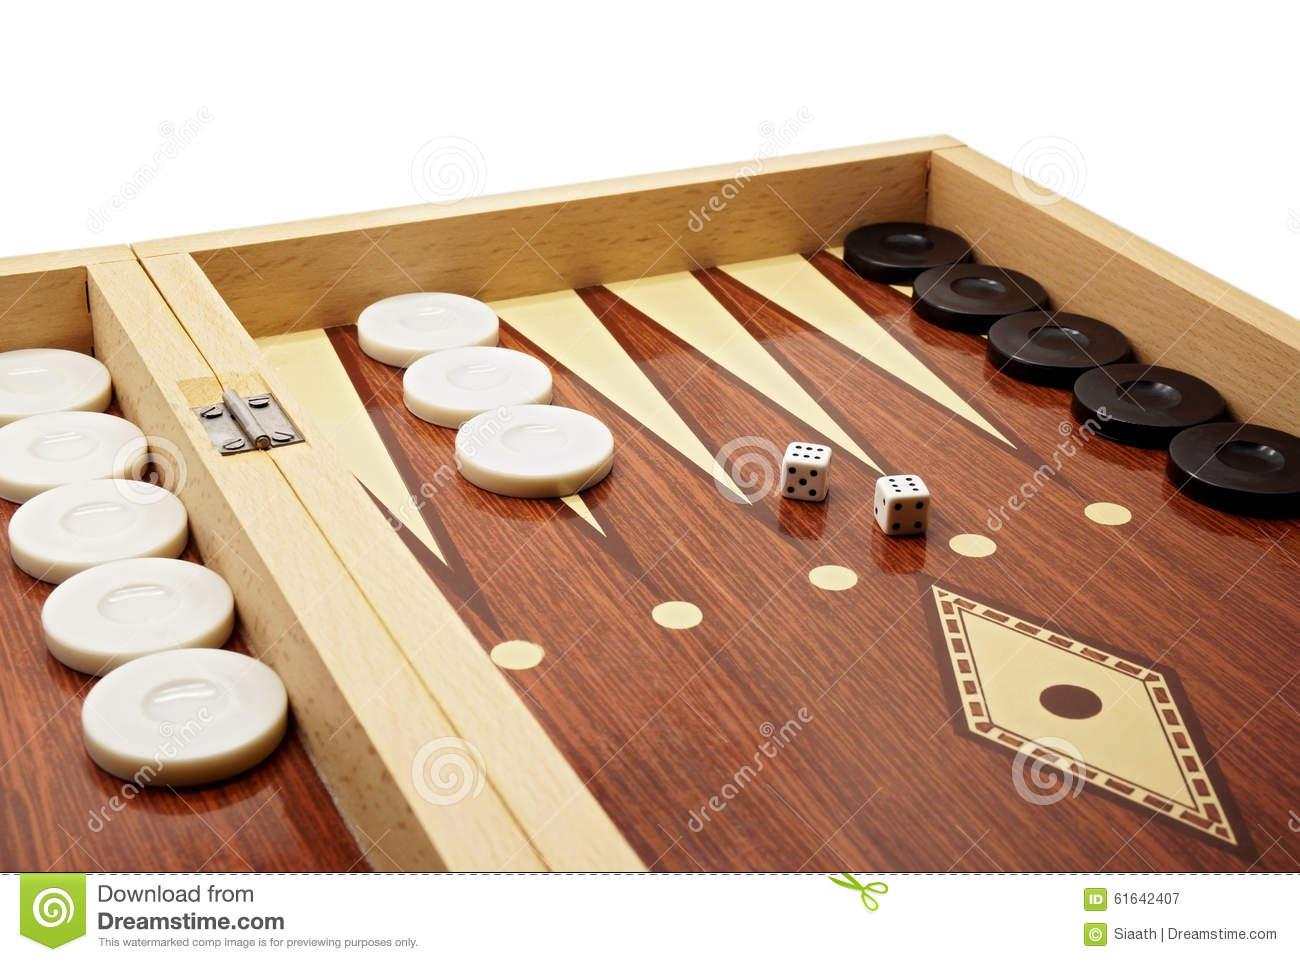 Jeux de société backgammon